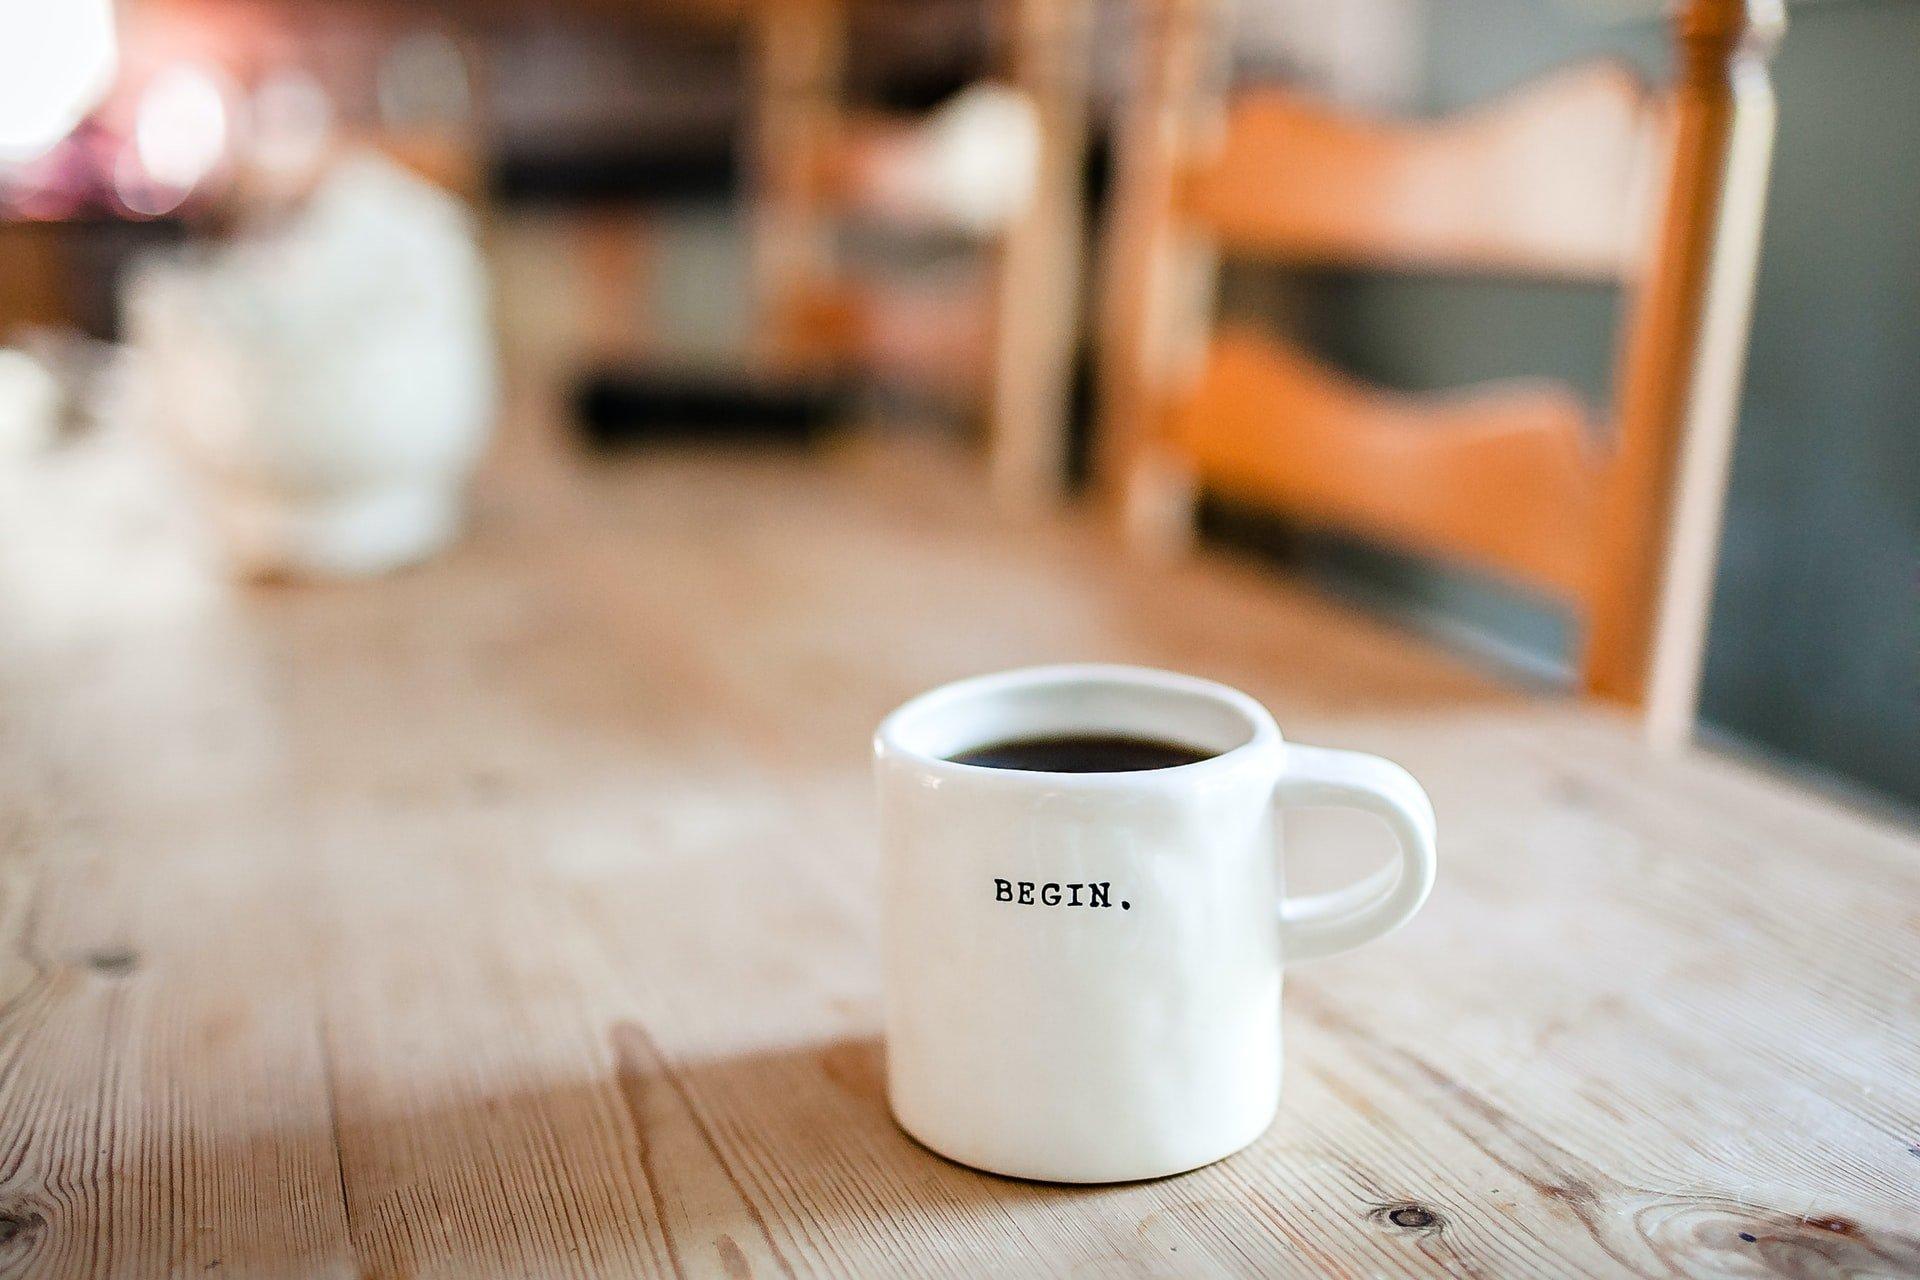 kahvimuki pöydällä, joka on osa yrittäjän arkea.